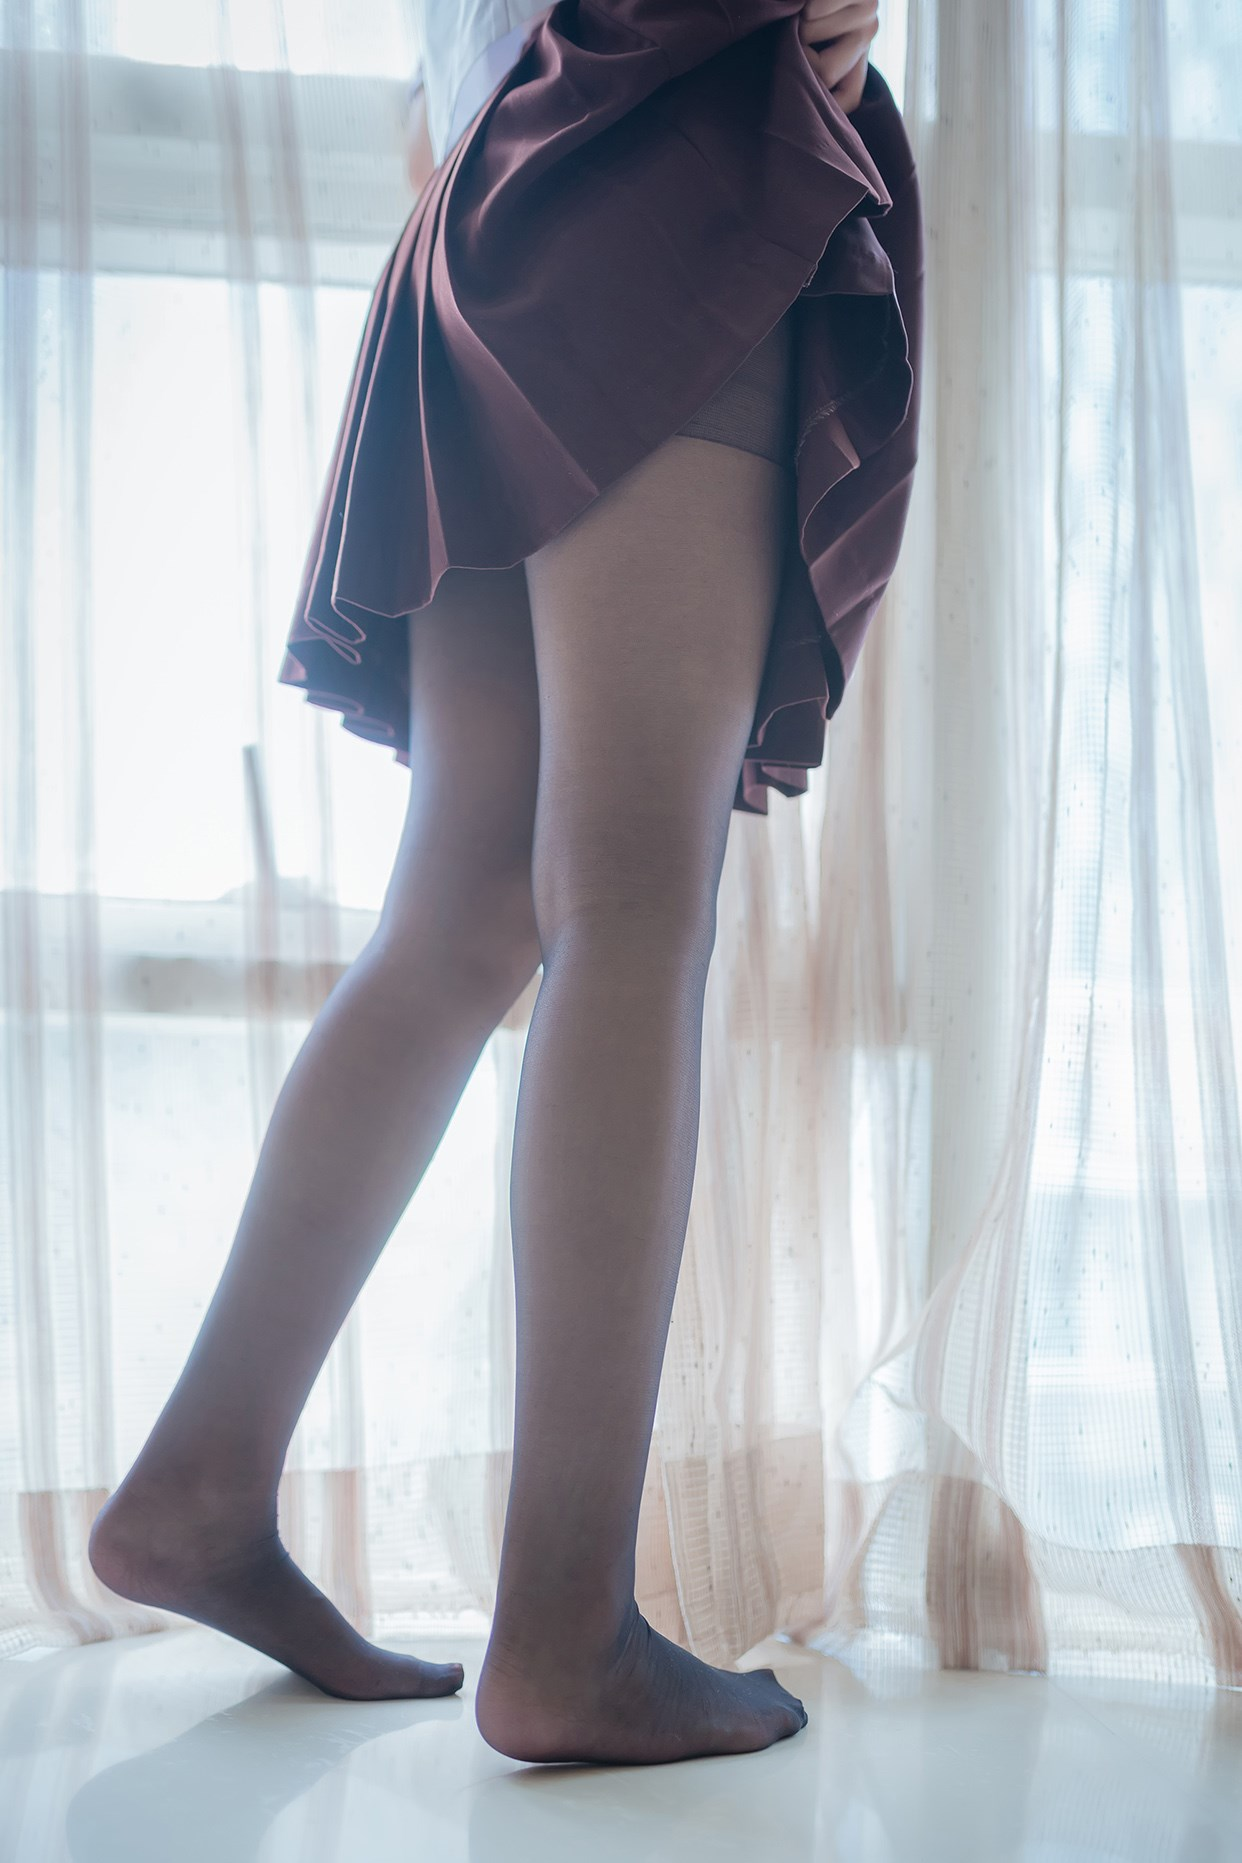 【兔玩映画】黑丝jk少女 兔玩映画 第29张